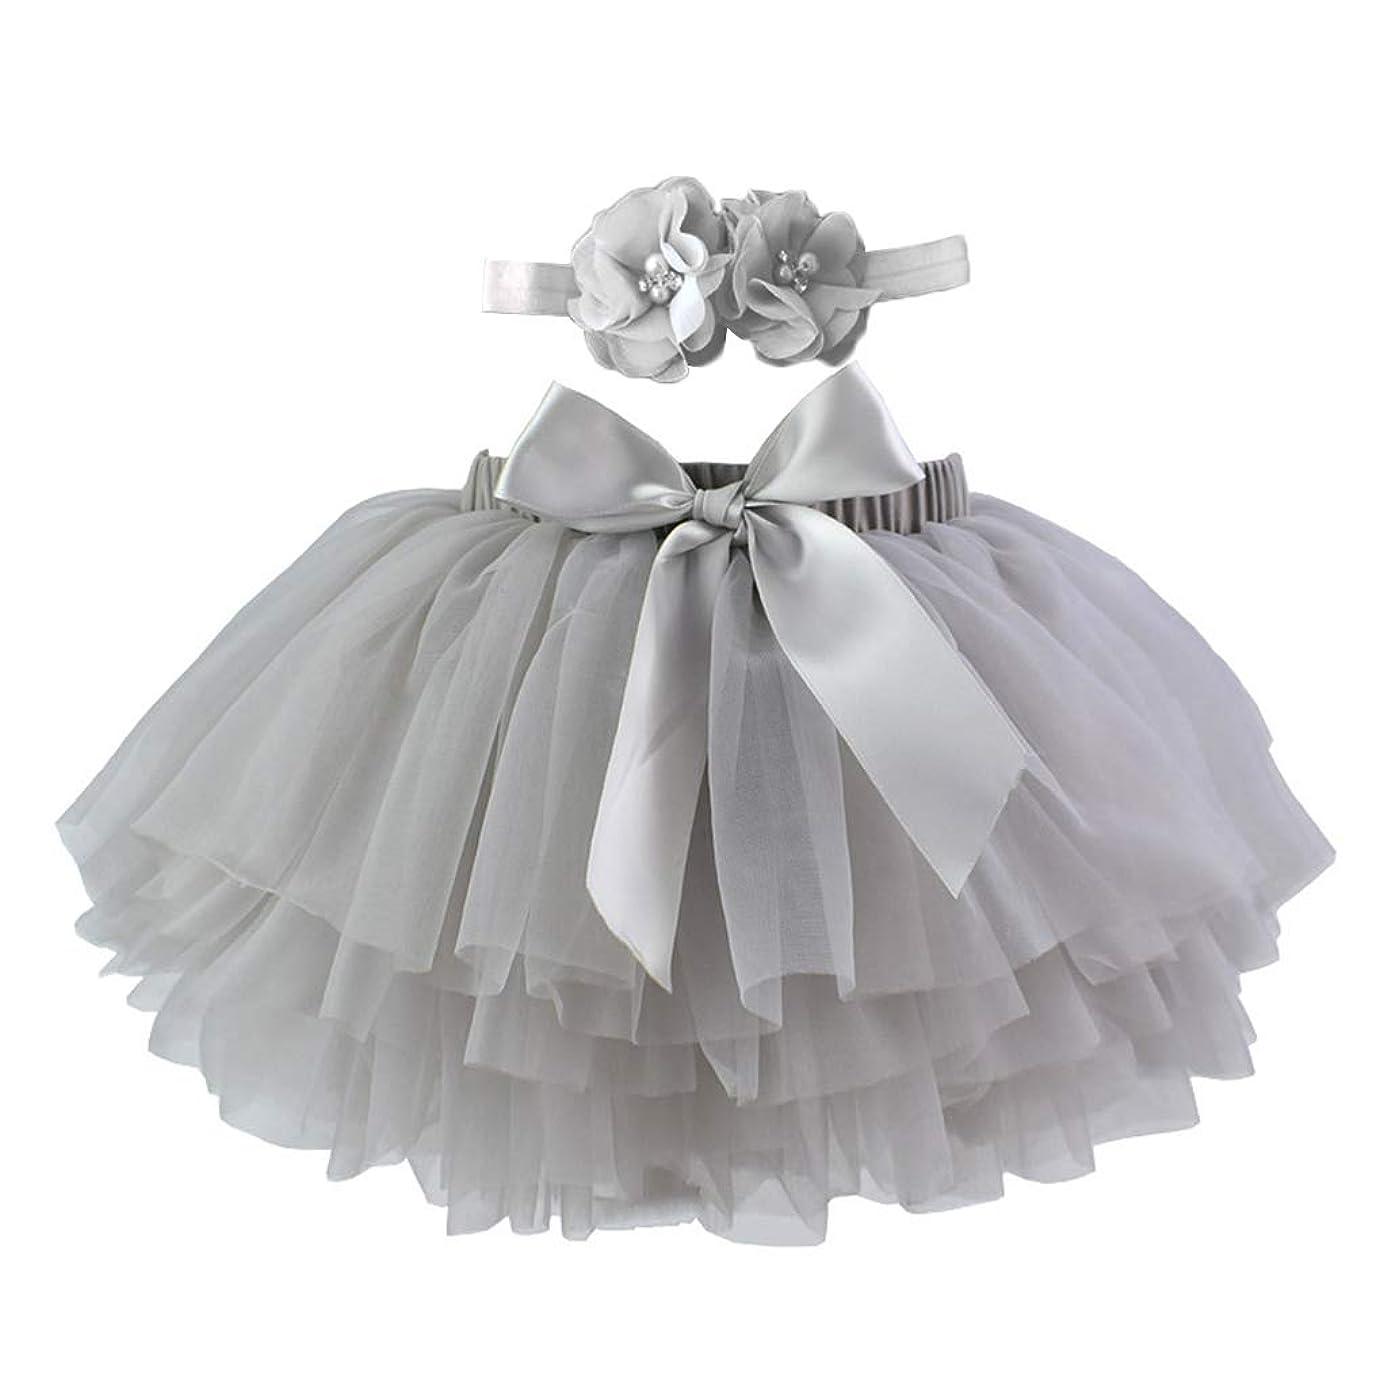 詳細な検索ぼんやりしたLamdoo幼児女の赤ちゃんチュチュスカート写真の小道具衣装キャンディーカラー多層フリルちょう結びチュールおむつカバー付きヘッドバンド0-3 T - グレー-L